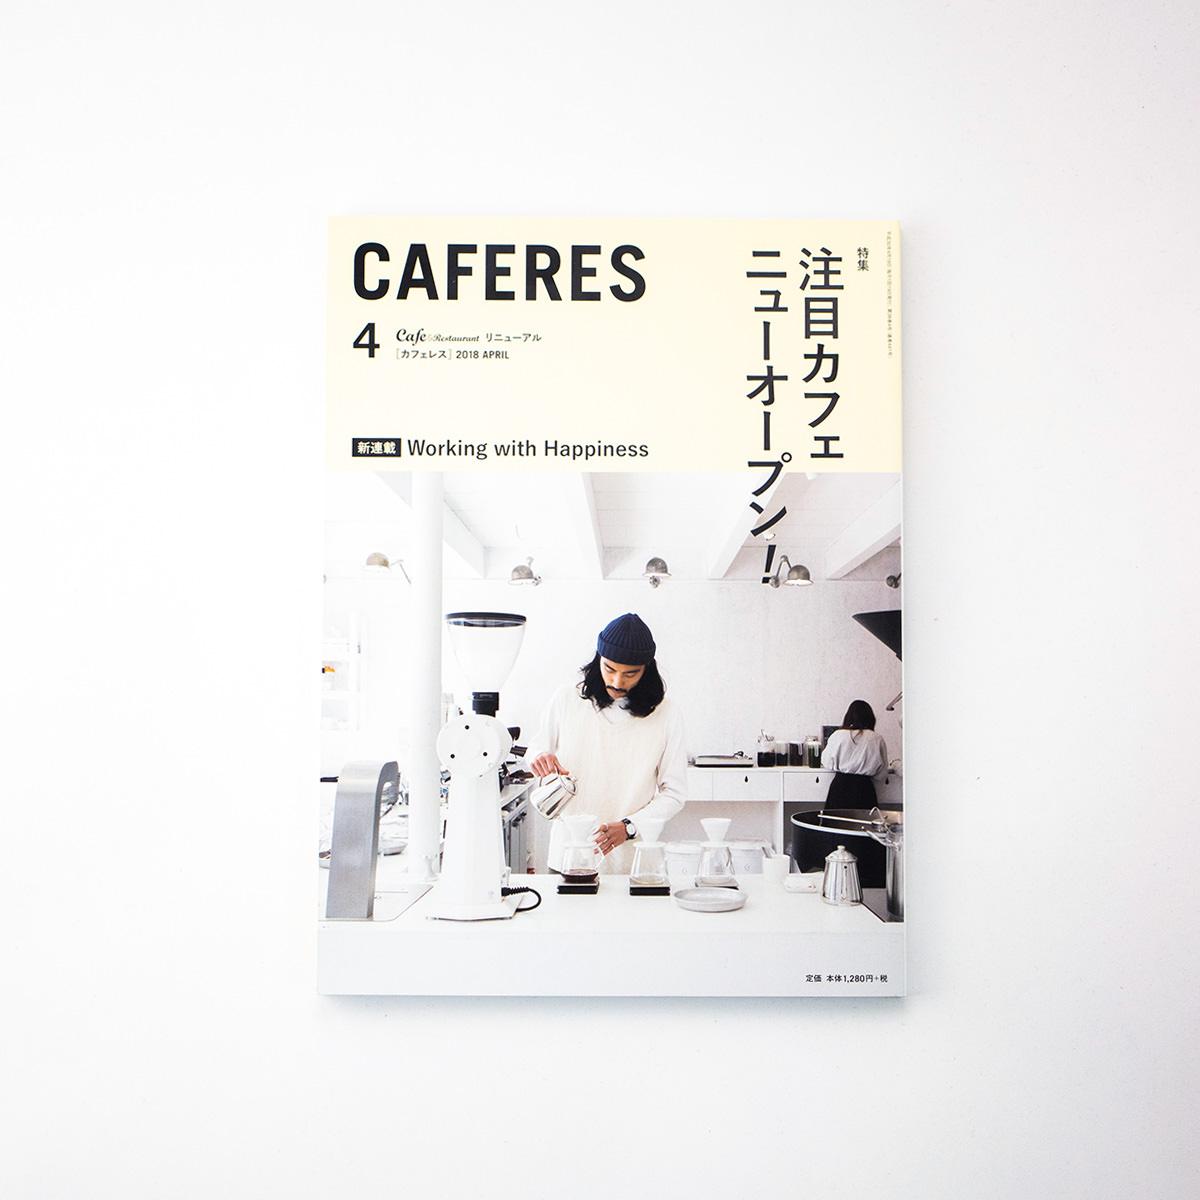 【メディア掲載情報】CAFERES 2018.4月号